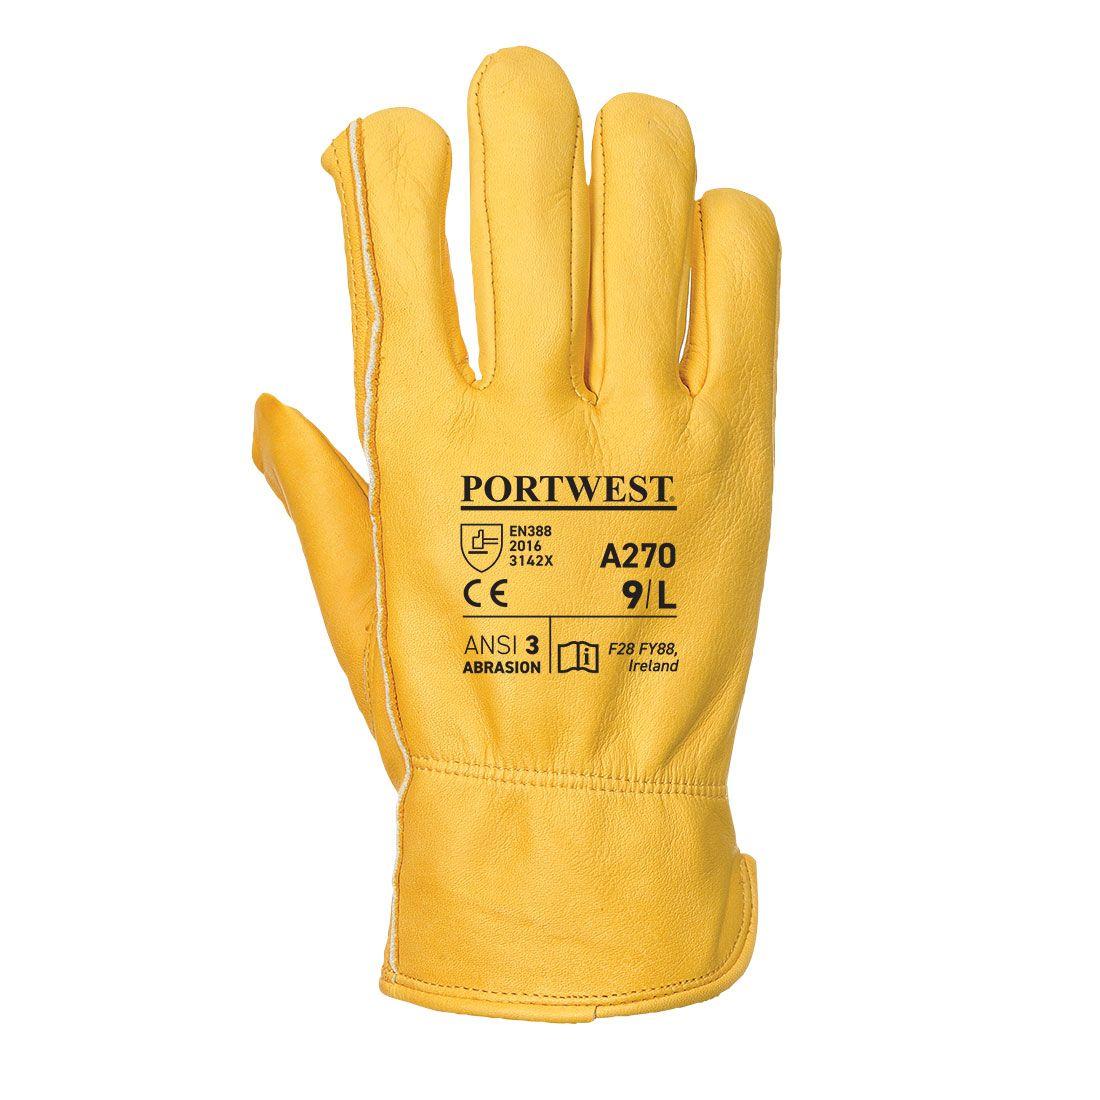 Portwest Handschoenen A270 tanbruin(TA)